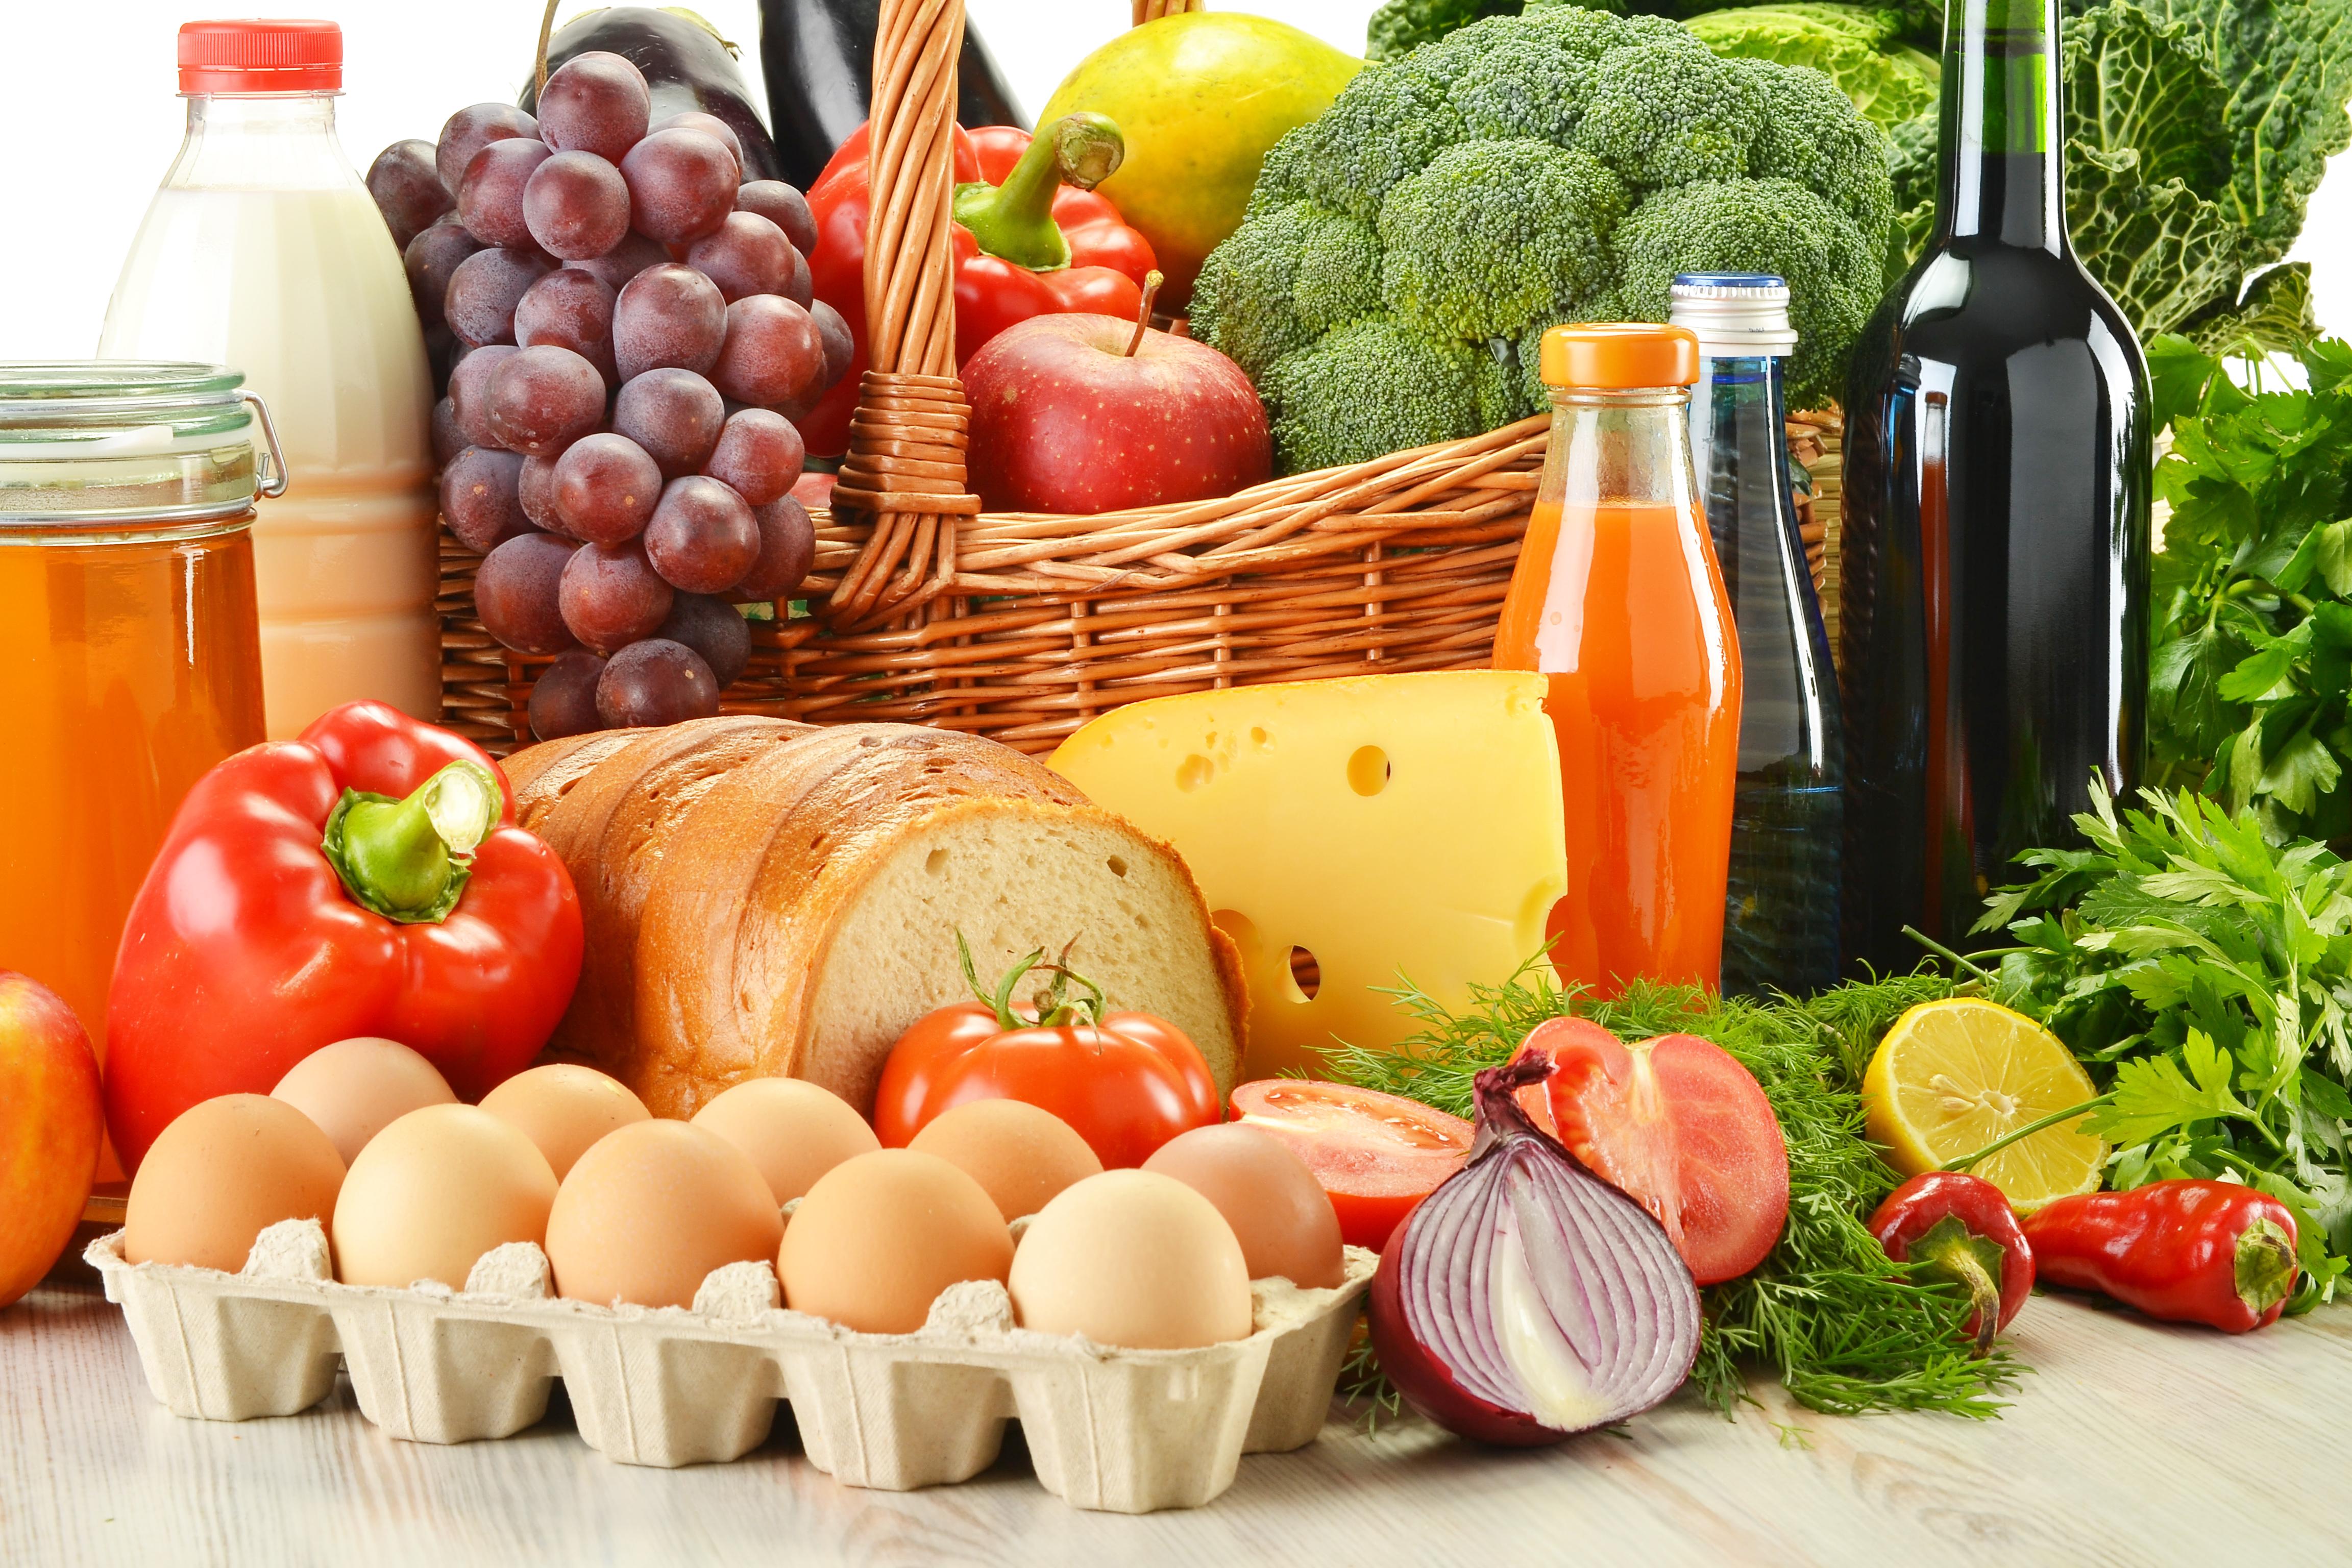 Лекарства и продукты: совместить нельзя разделить